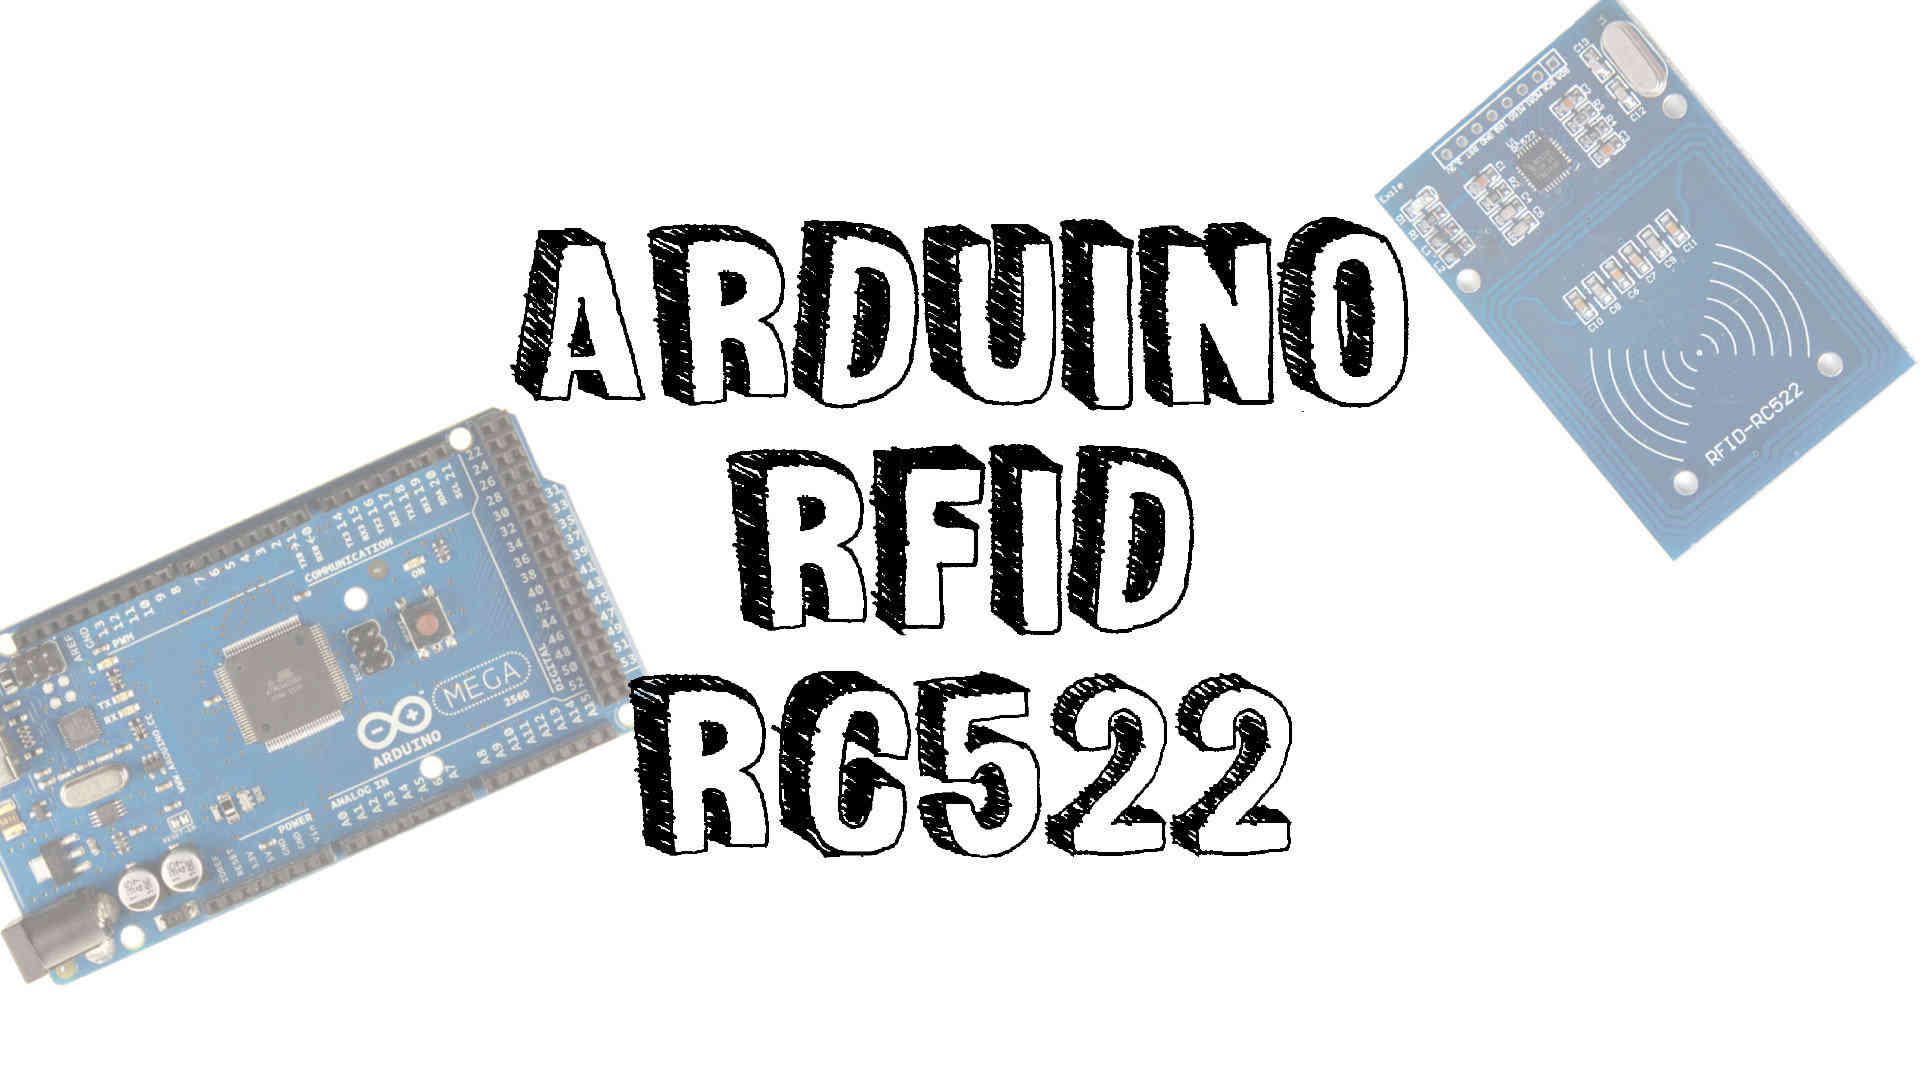 Low rfid miniature